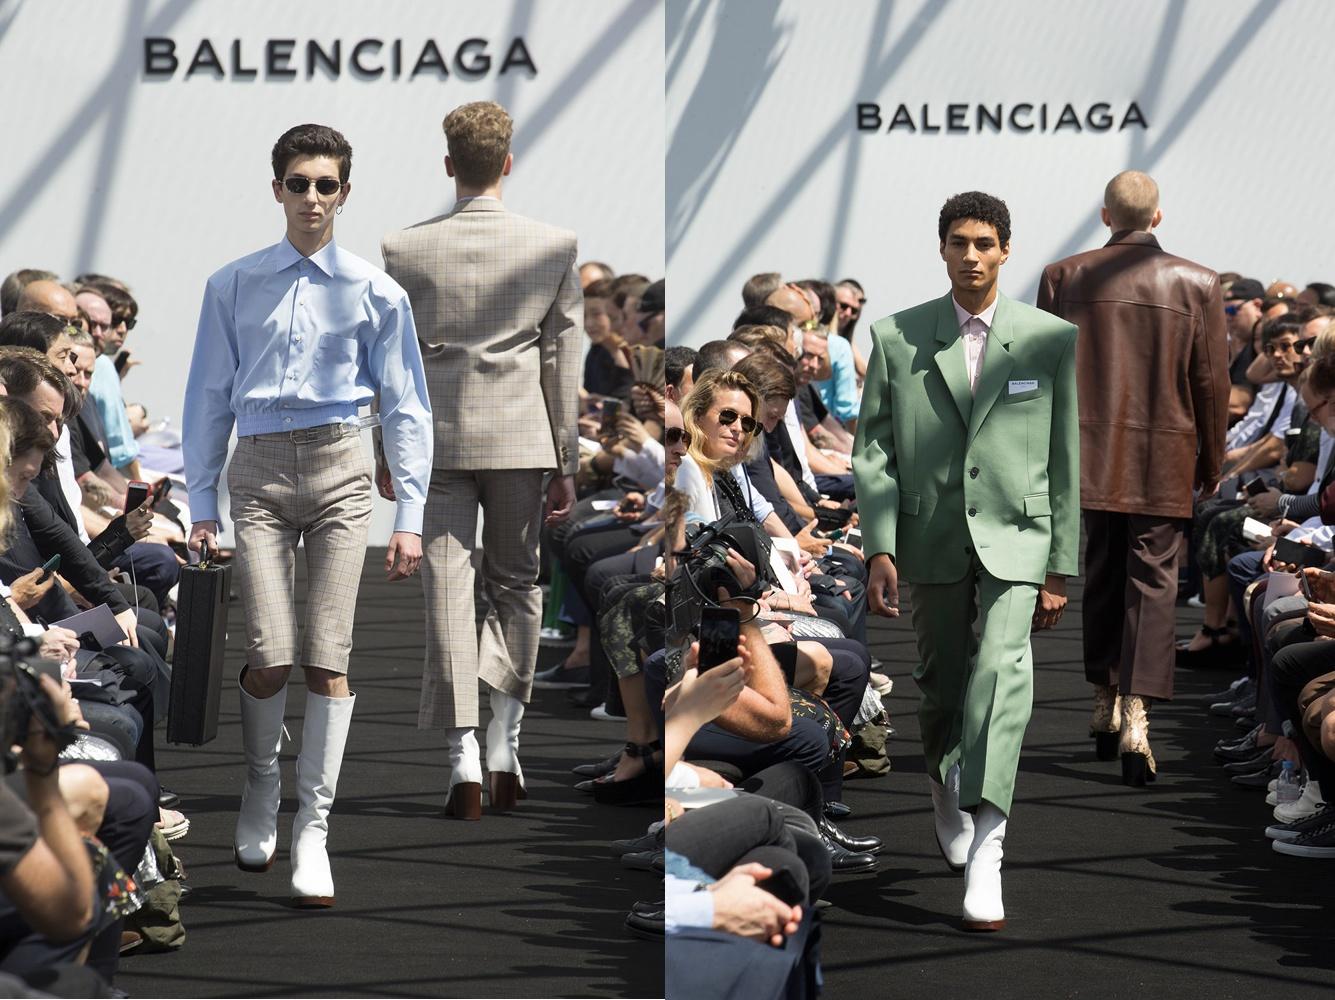 e685e46ec5562 Demna Gvasalia for Balenciaga Balenciaga Men s RTW SS17